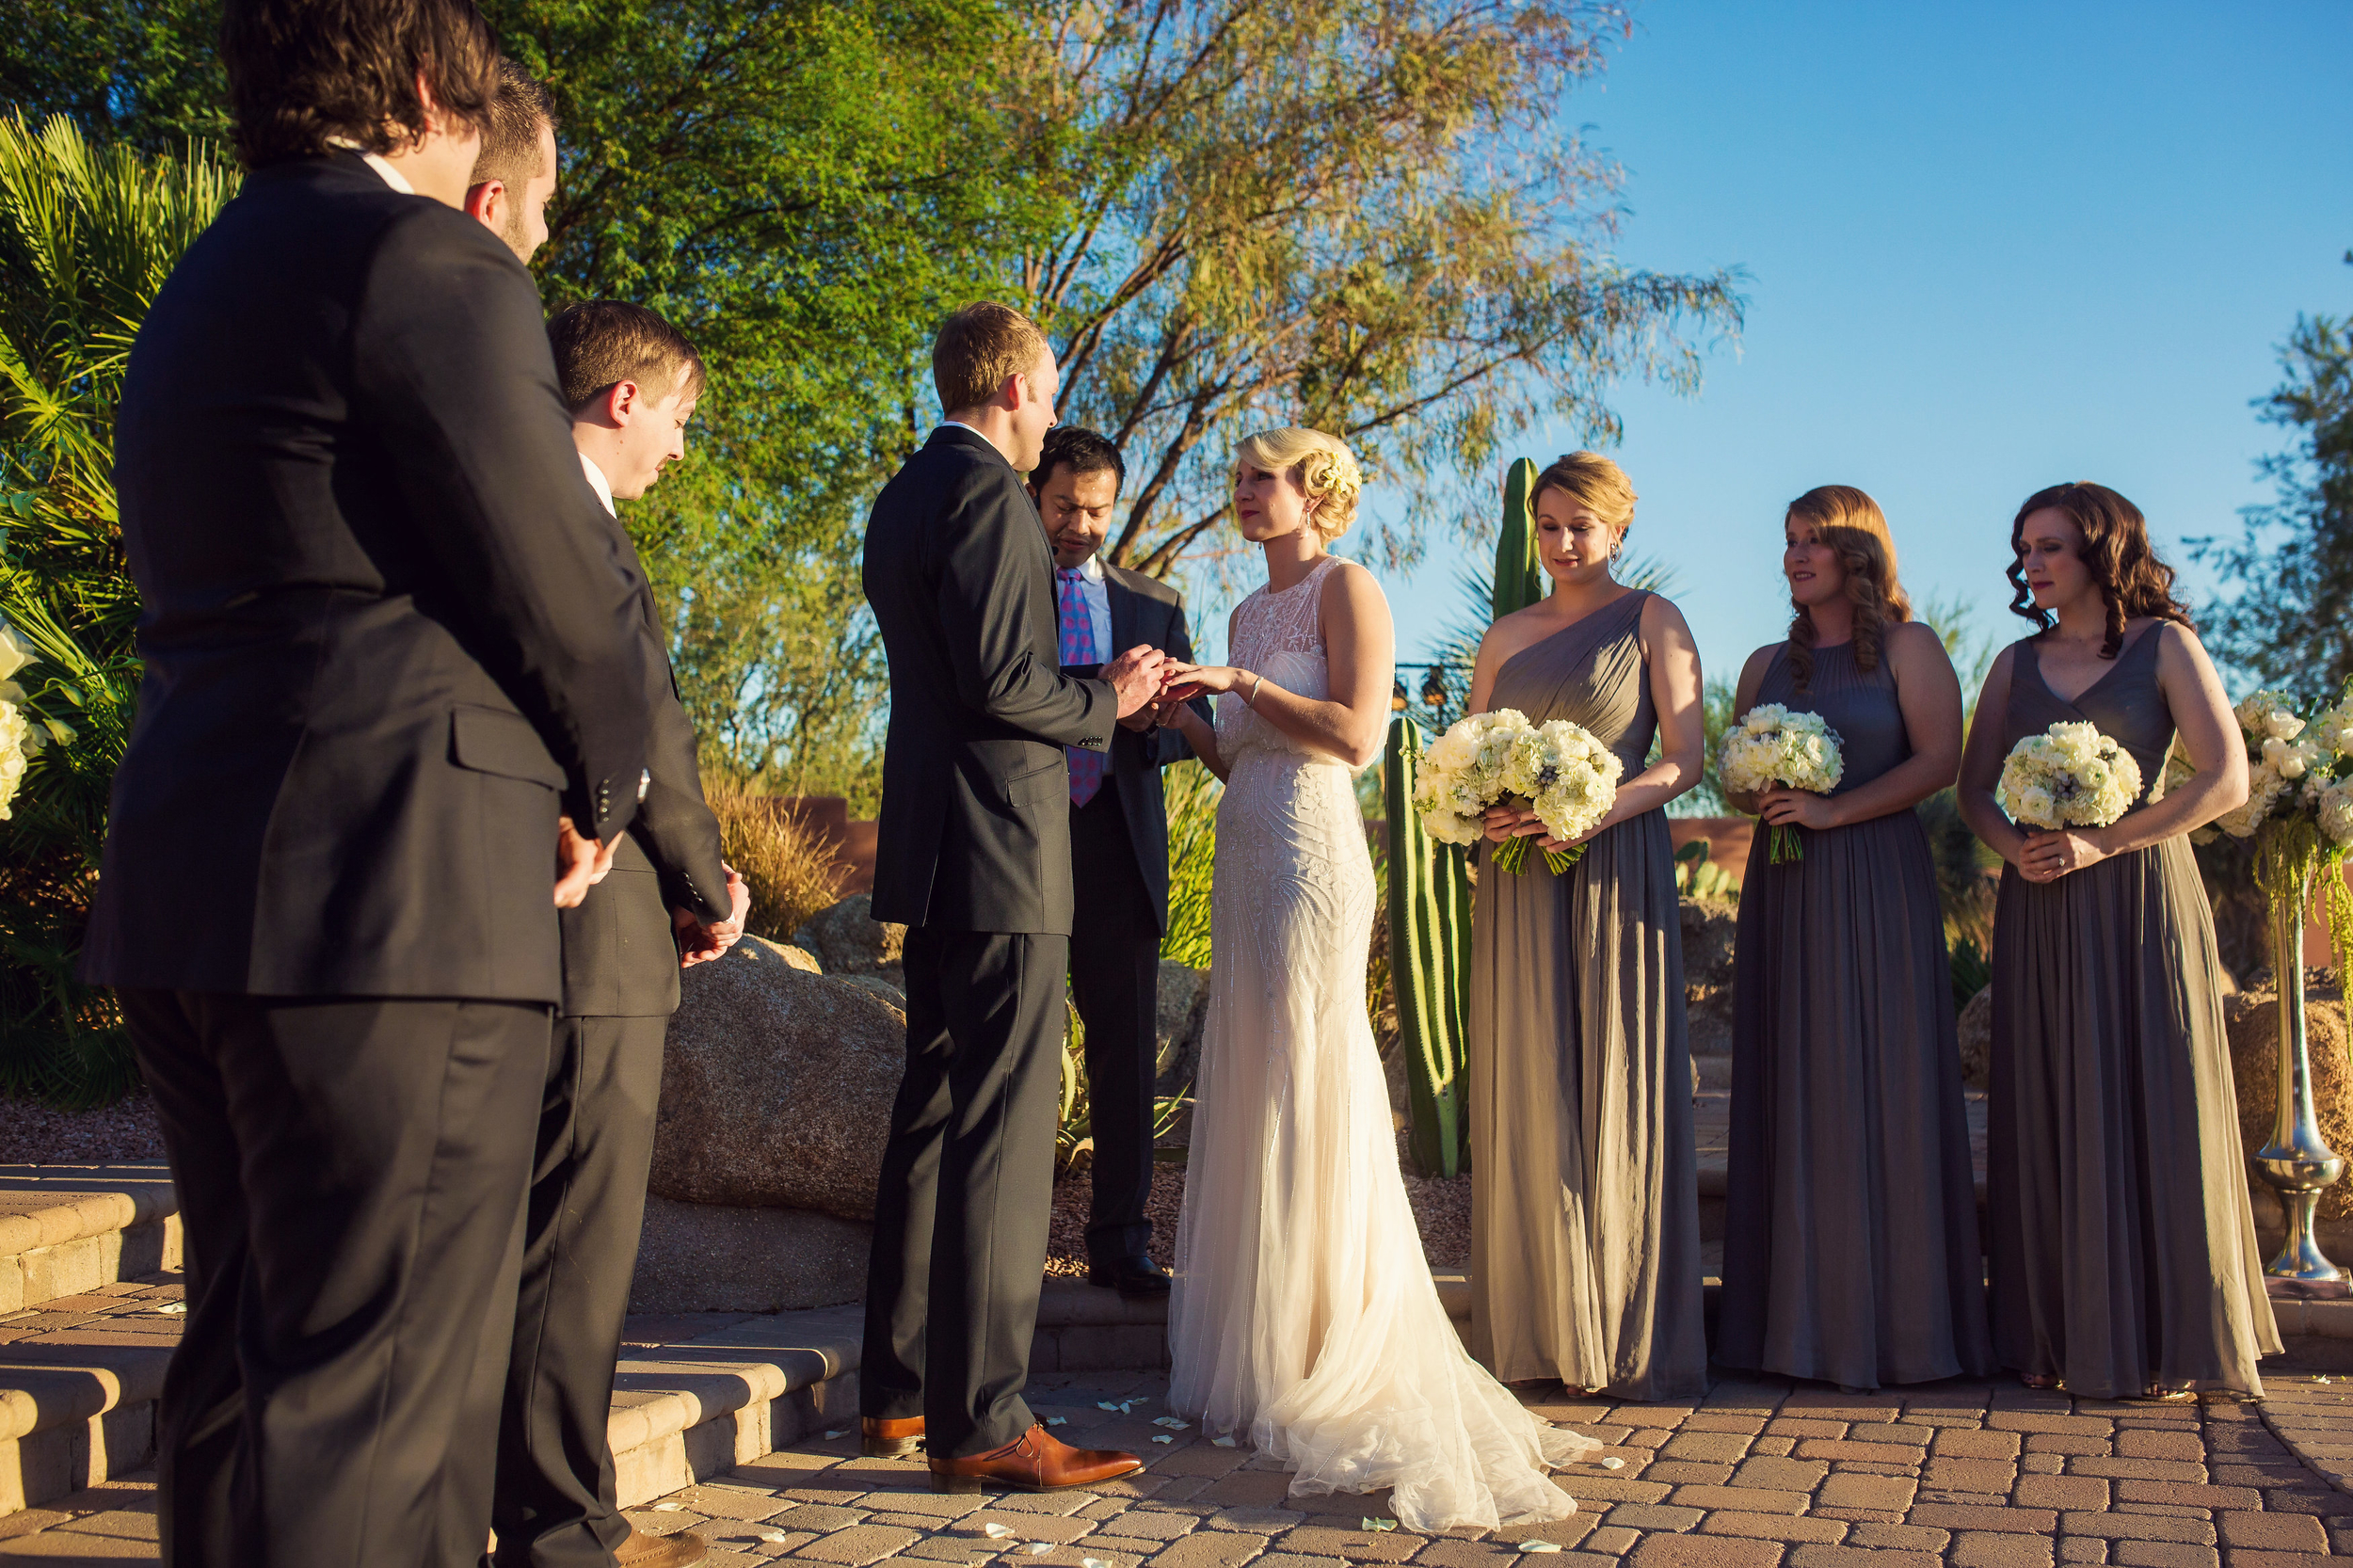 Wedding-LindsayandGregg-0516 copy.jpg